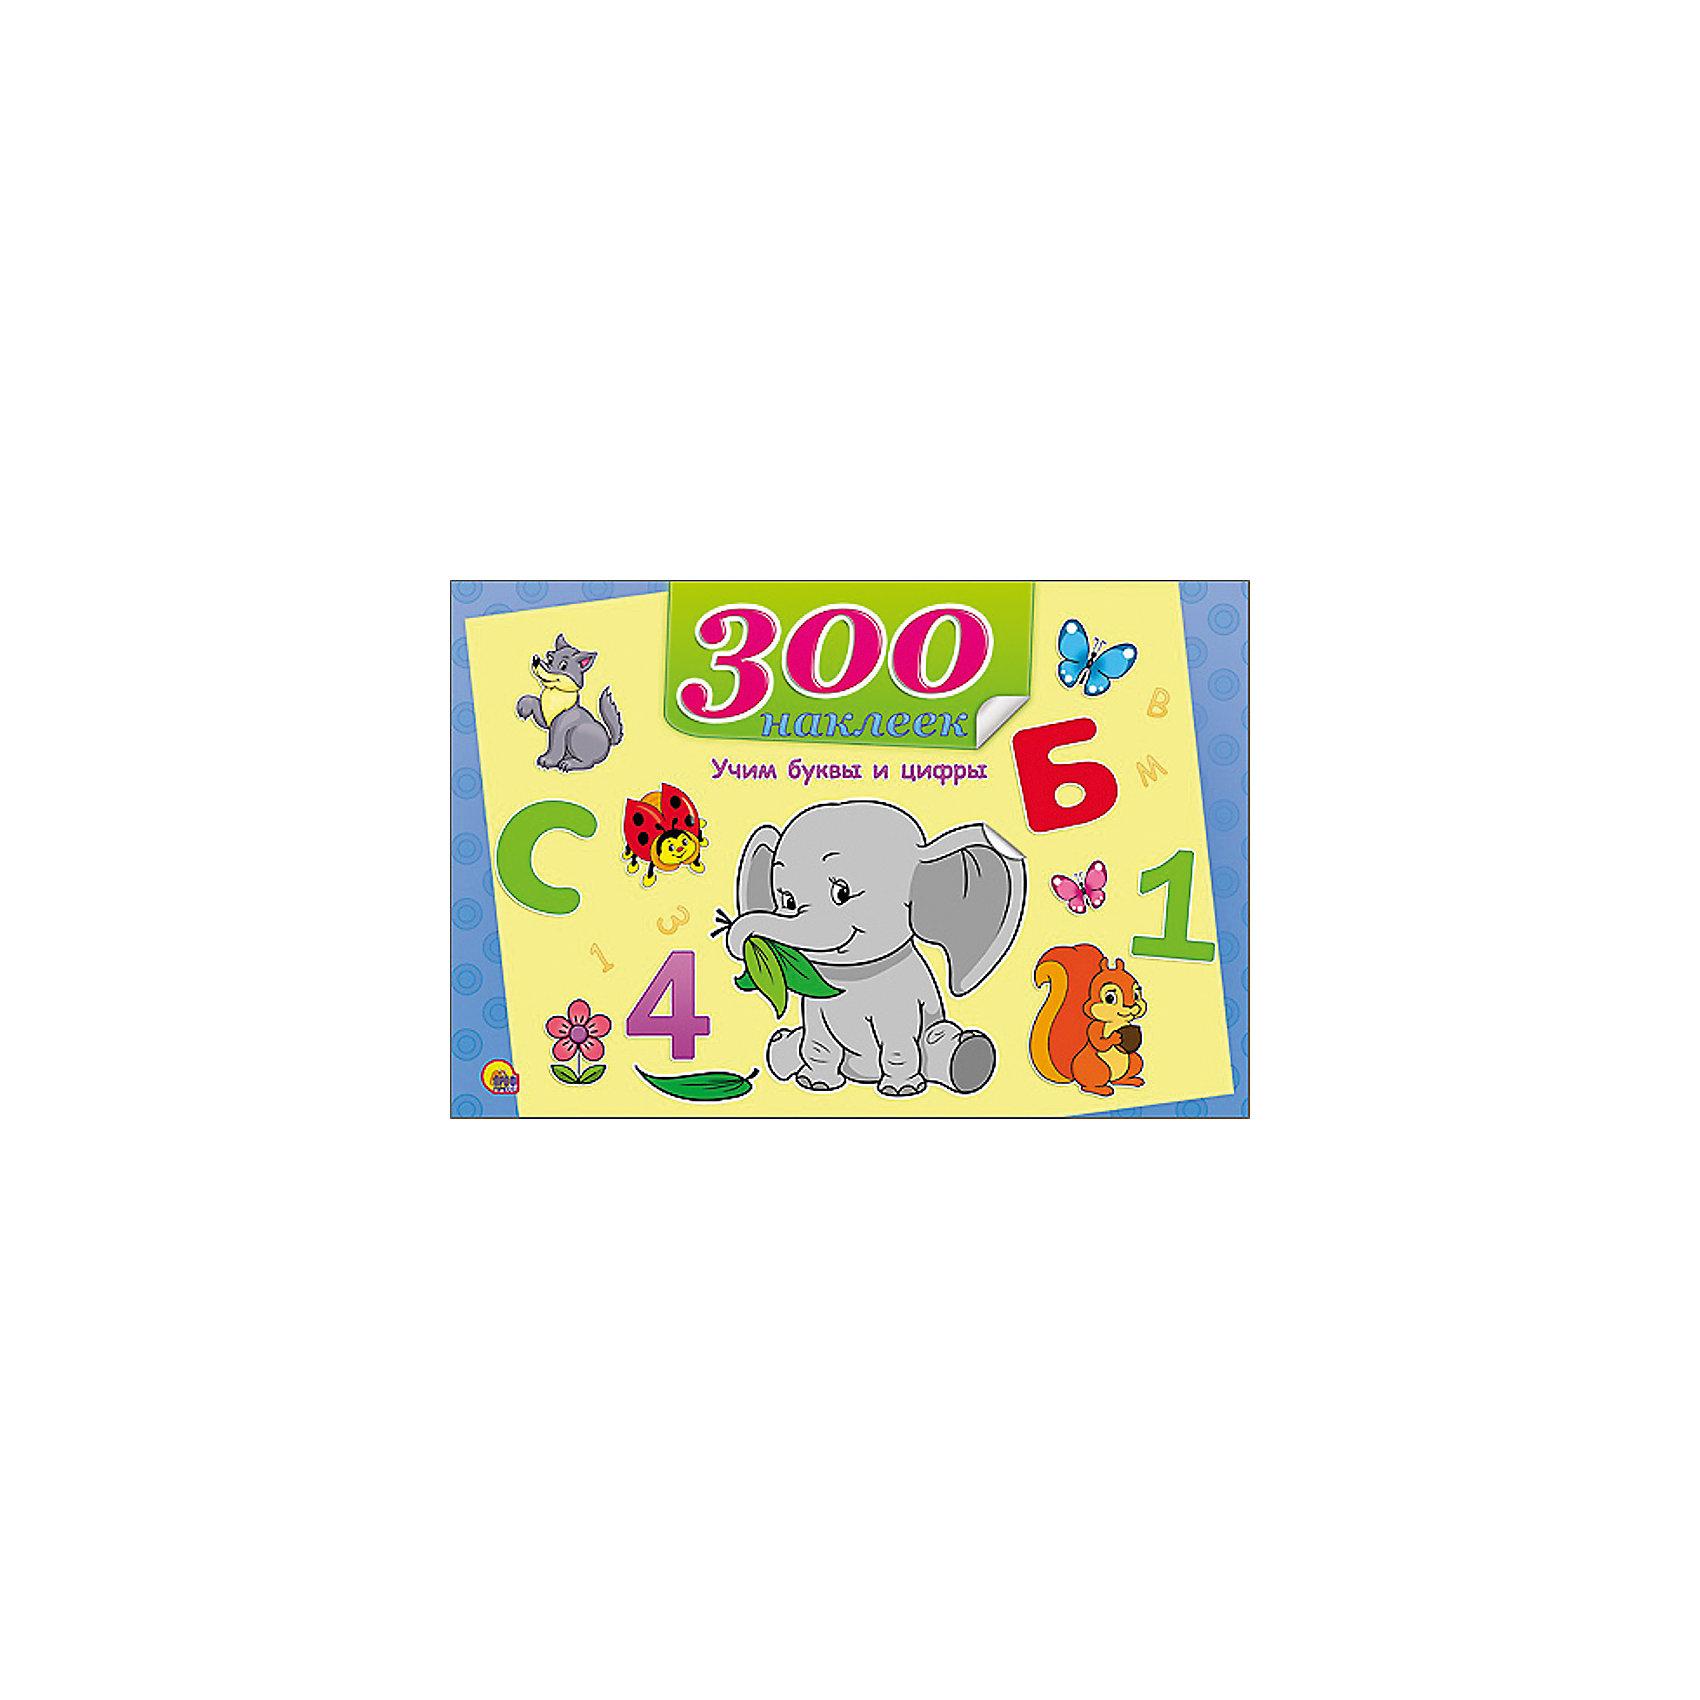 300 наклеек Учим буквы и цифры300 наклеек Учим буквы и цифры – это калейдоскоп красочных наклеек, которые познакомят малыша с буквами и цифрами.<br>В этом большом чудесном альбоме вашего малыша ждут 300 потрясающих ярких наклеек! Стикеры с красочными картинками, буквами и цифрами помогут ребенку погрузиться в мир первых знаний, и познакомится с цифрами, счетом и алфавитом. Наклейки отлично подойдут для украшения аппликаций, открыток, тетрадей или альбомов. Для дошкольного и младшего школьного возраста.<br><br>Дополнительная информация:<br><br>- Издательство: Проф-Пресс, 2015 г.<br>- Серия: 300 наклеек<br>- Тип обложки: мягкий переплет (крепление скрепкой или клеем)<br>- Оформление: с наклейками<br>- Иллюстрации: цветные<br>- Количество страниц: 8 (мелованная)<br>- Размер: 197x290x2 мм.<br>- Вес: 118 гр.<br><br>Альбом 300 наклеек Учим буквы и цифры можно купить в нашем интернет-магазине.<br><br>Ширина мм: 295<br>Глубина мм: 3<br>Высота мм: 200<br>Вес г: 150<br>Возраст от месяцев: 0<br>Возраст до месяцев: 36<br>Пол: Унисекс<br>Возраст: Детский<br>SKU: 4500303